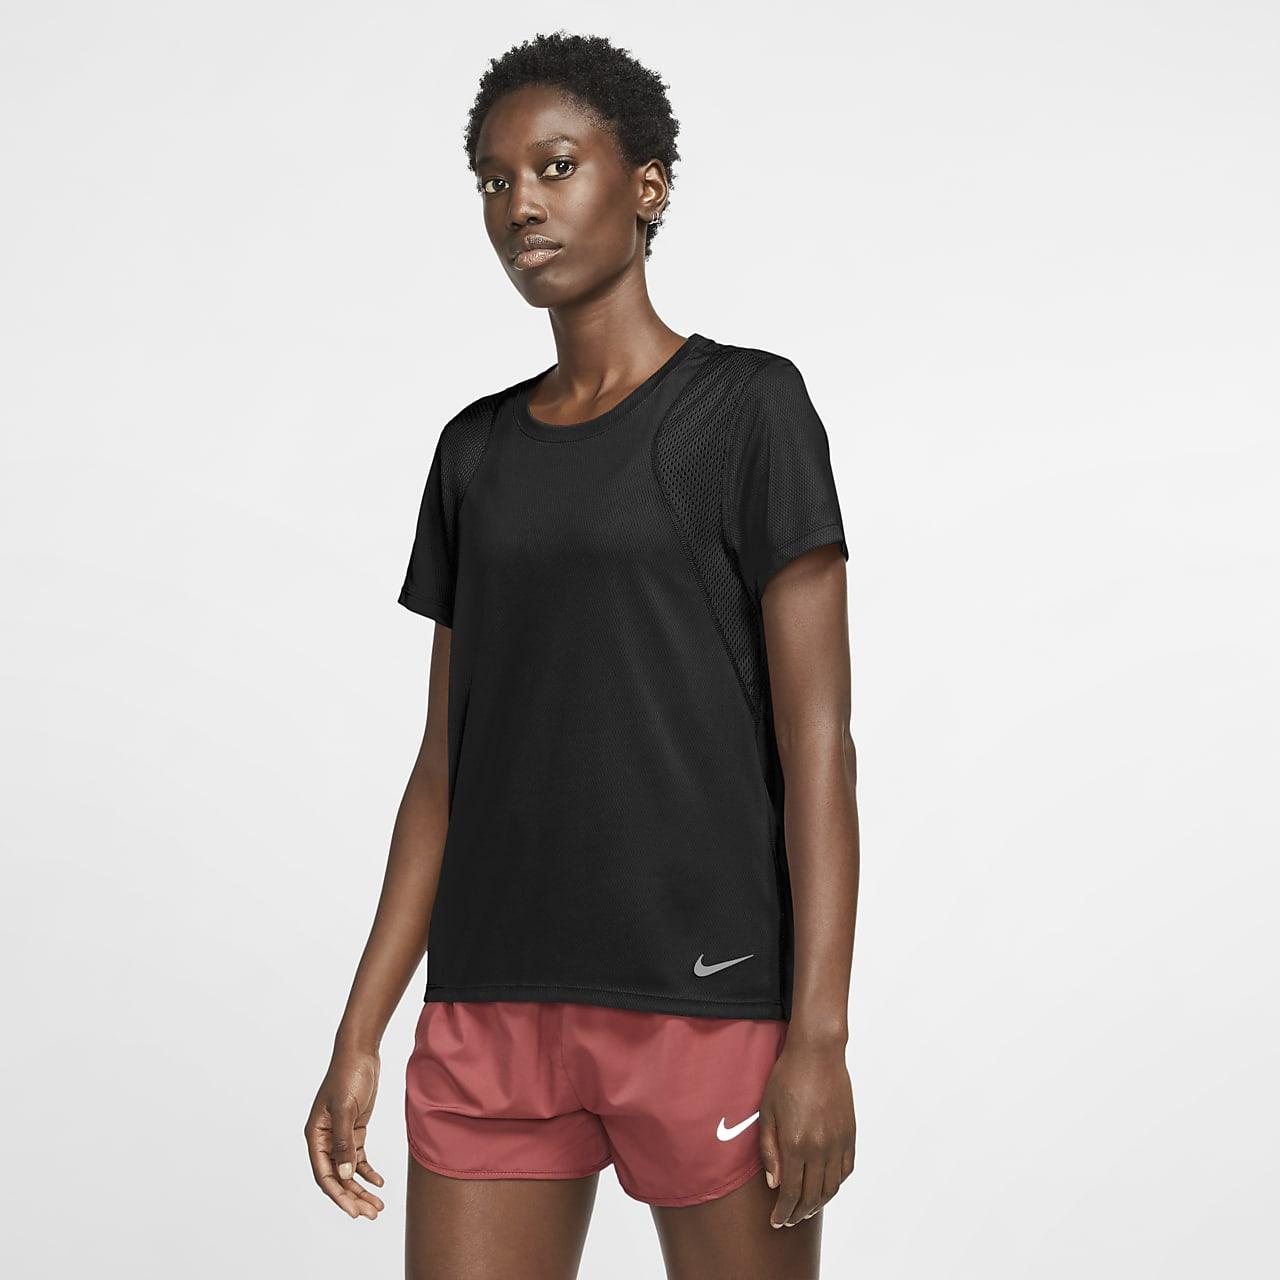 Nike-løbeoverdel med korte ærmer til kvinder